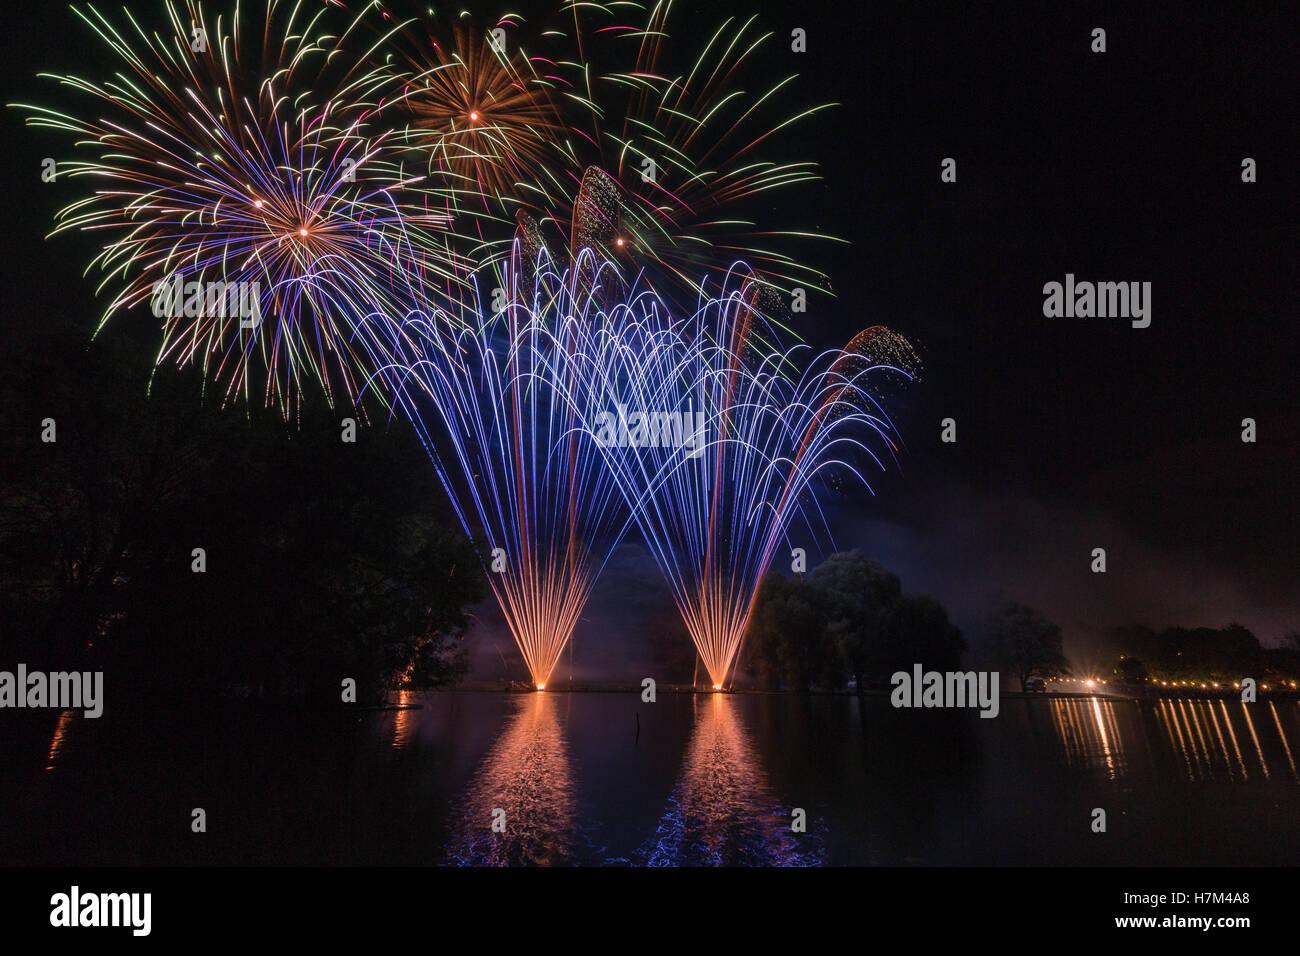 Fireworks reflecting on lake - Stock Image